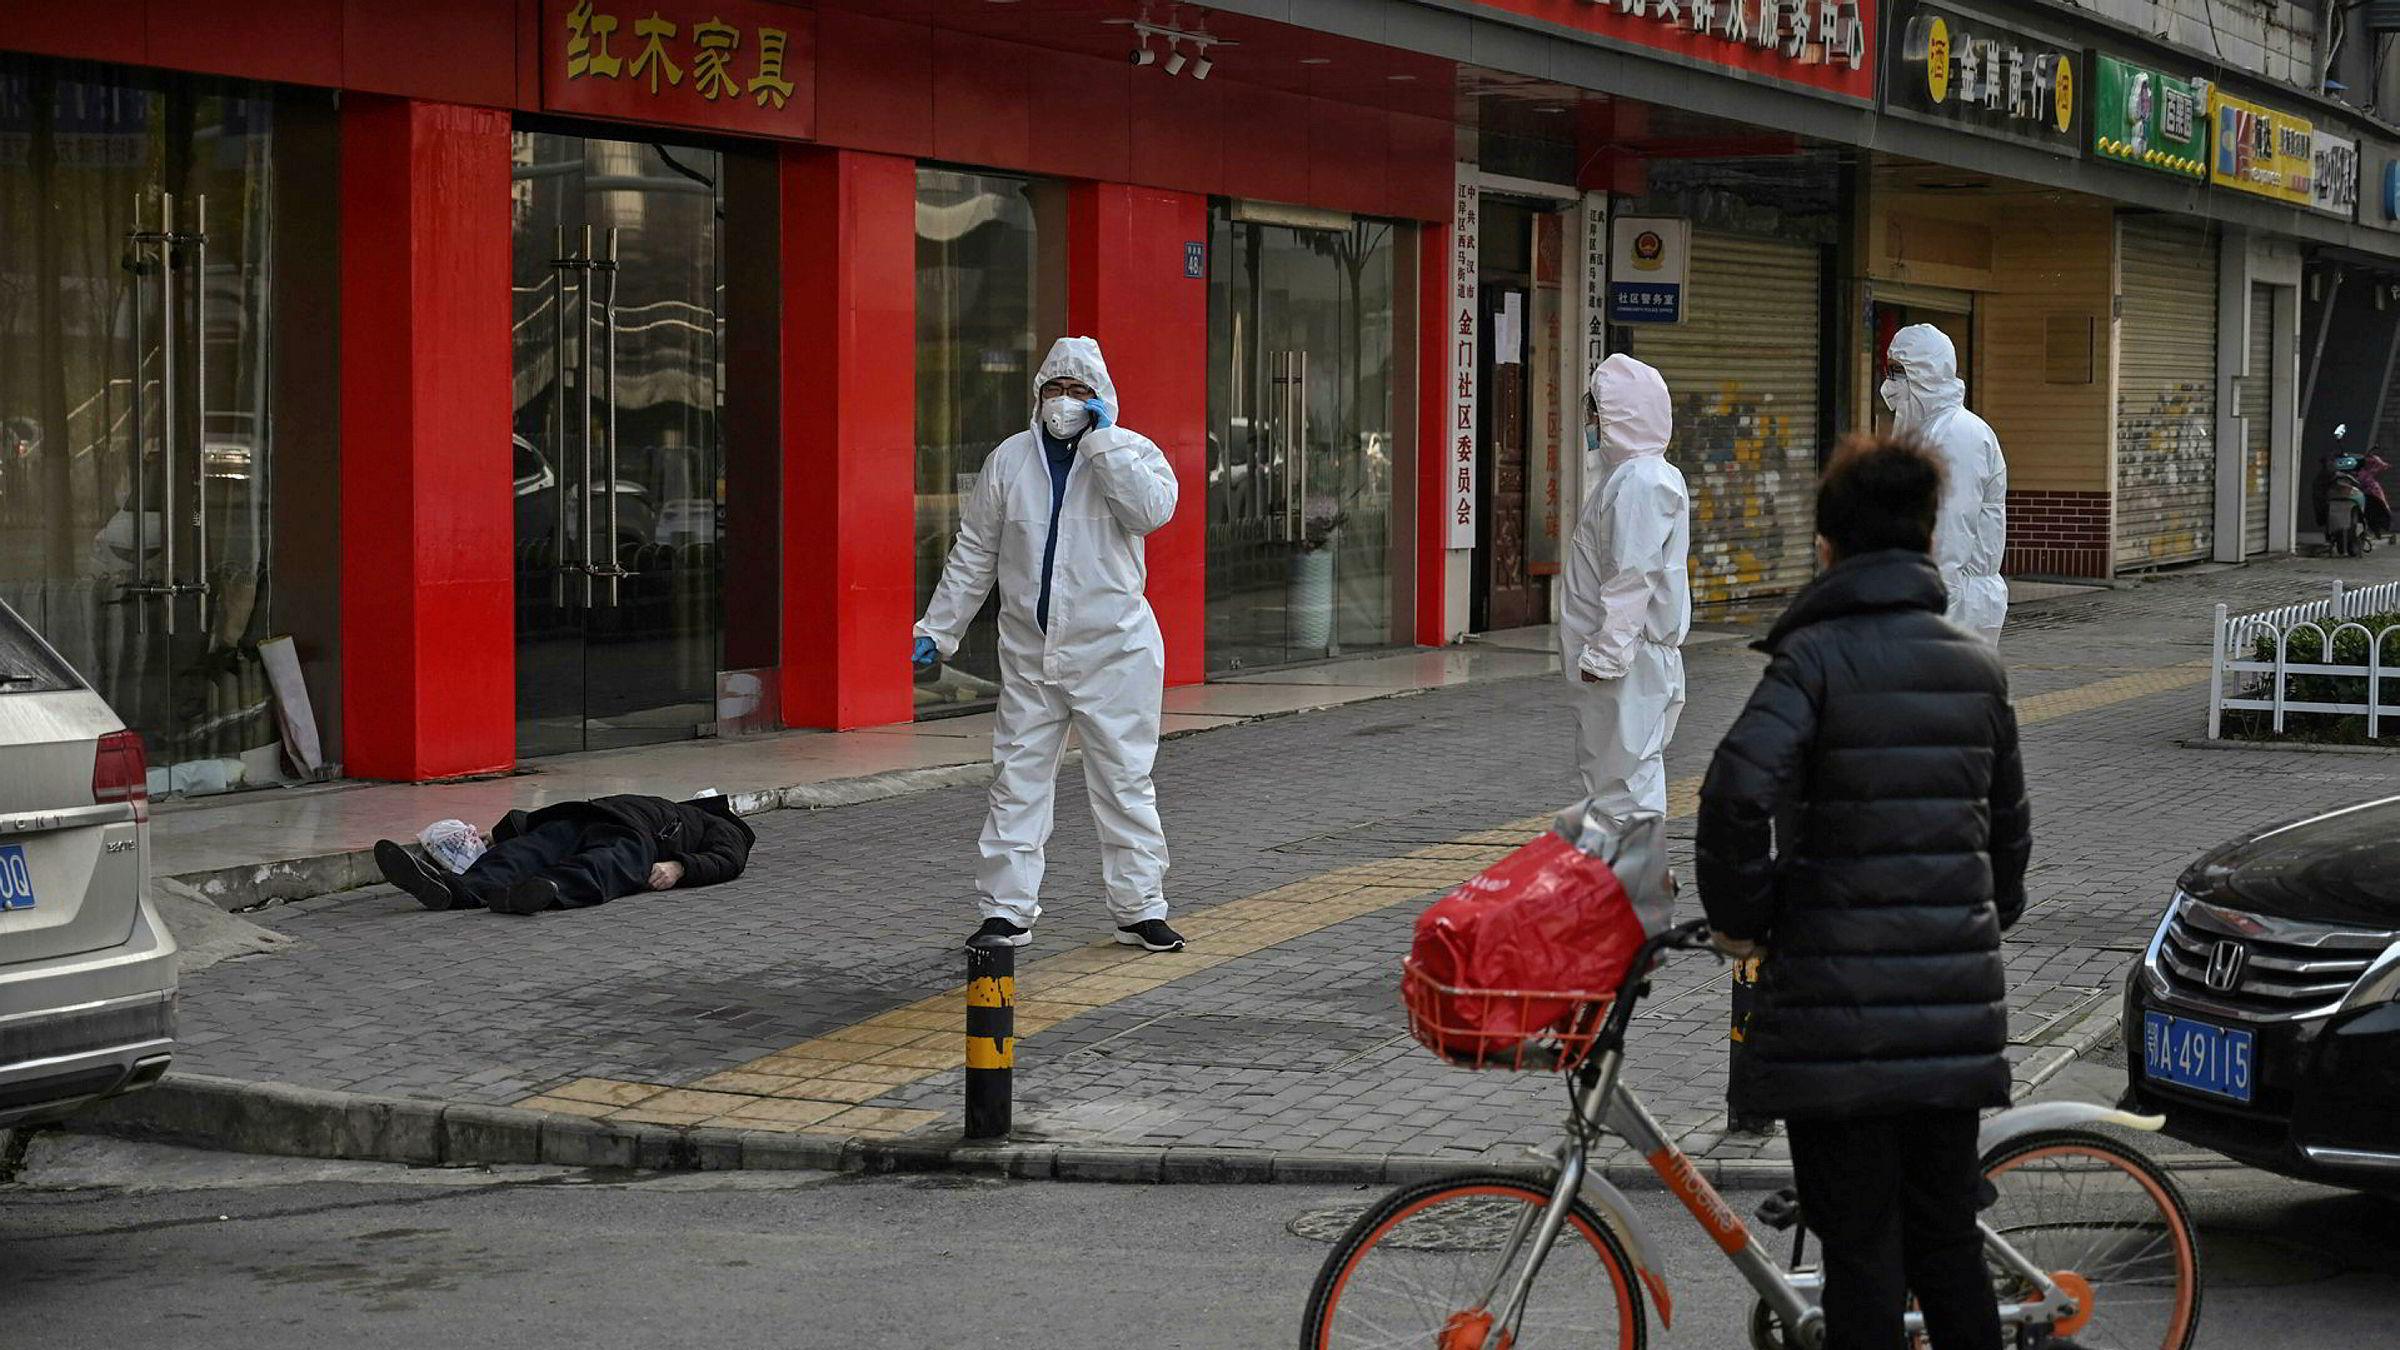 Antall dødsfall fra coronaviruset har økt kraftig denne uken. Bare på torsdag døde 42 mennesker ved kinesiske sykehus i Hubei-provinsen. Totalt er 212 mennesker bekreftet døde. En eldre mann kollapset og døde på en gate ved et sykehus i Wuhan på torsdag, ifølge nyhetsbyrået AFP.